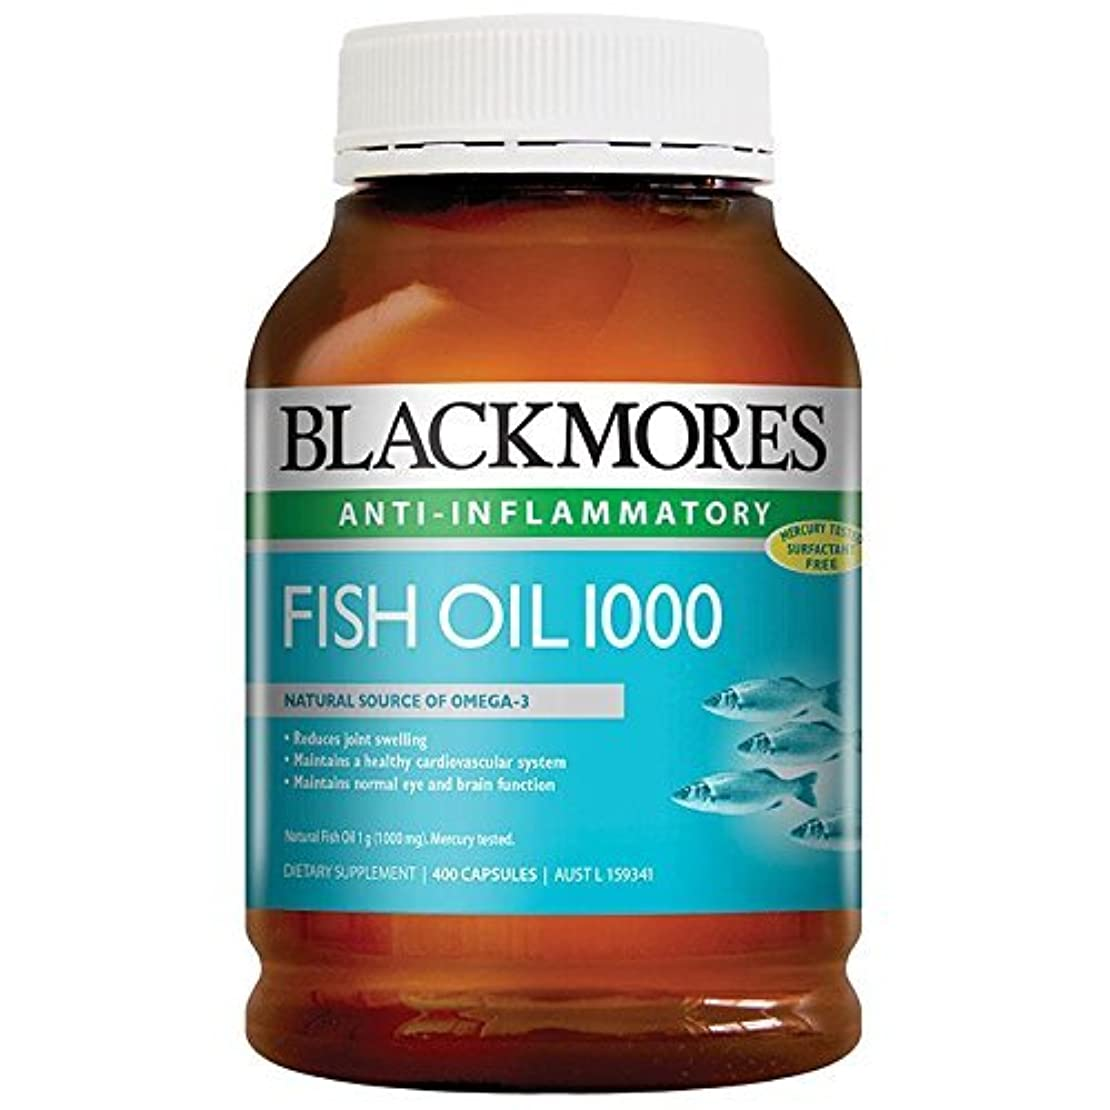 ダーリン登録盲信Blackmores Fish Oil 400 Caps 1000 Omega3 Dha, EPA Fatty Acids with 1pcs Chinese Knot Gift by Blackmores LTD